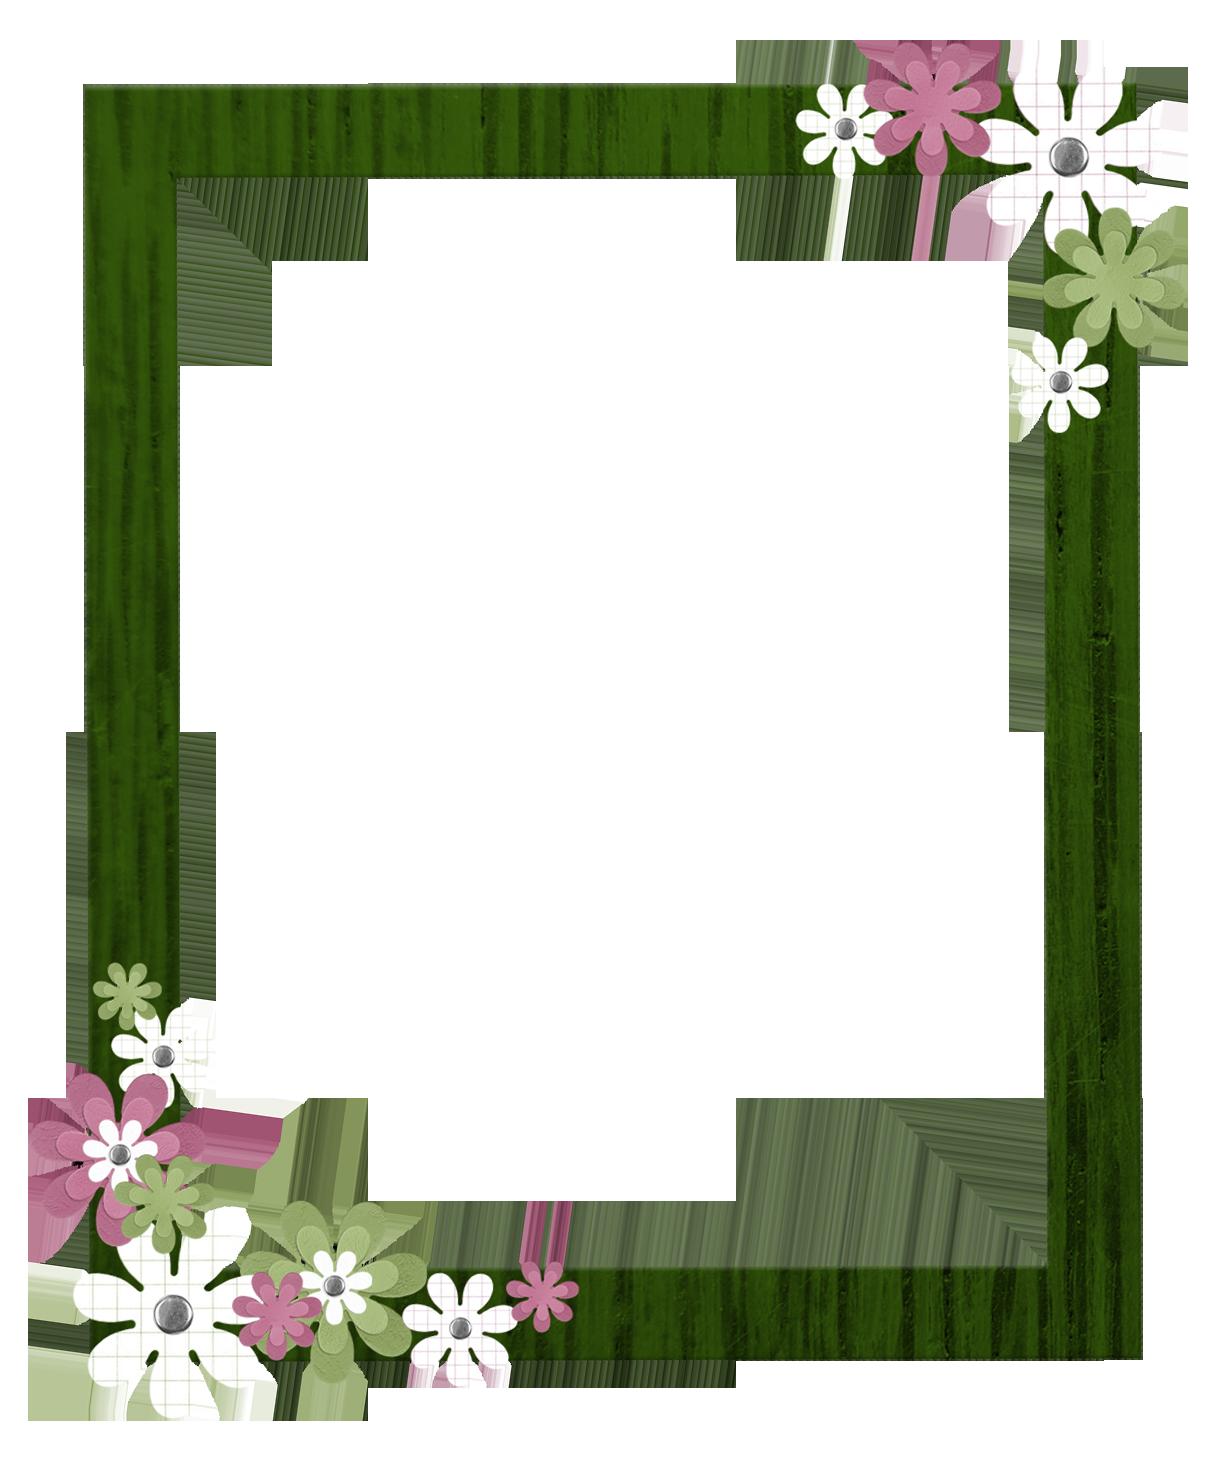 Frames my blog page 16 for Frame designs